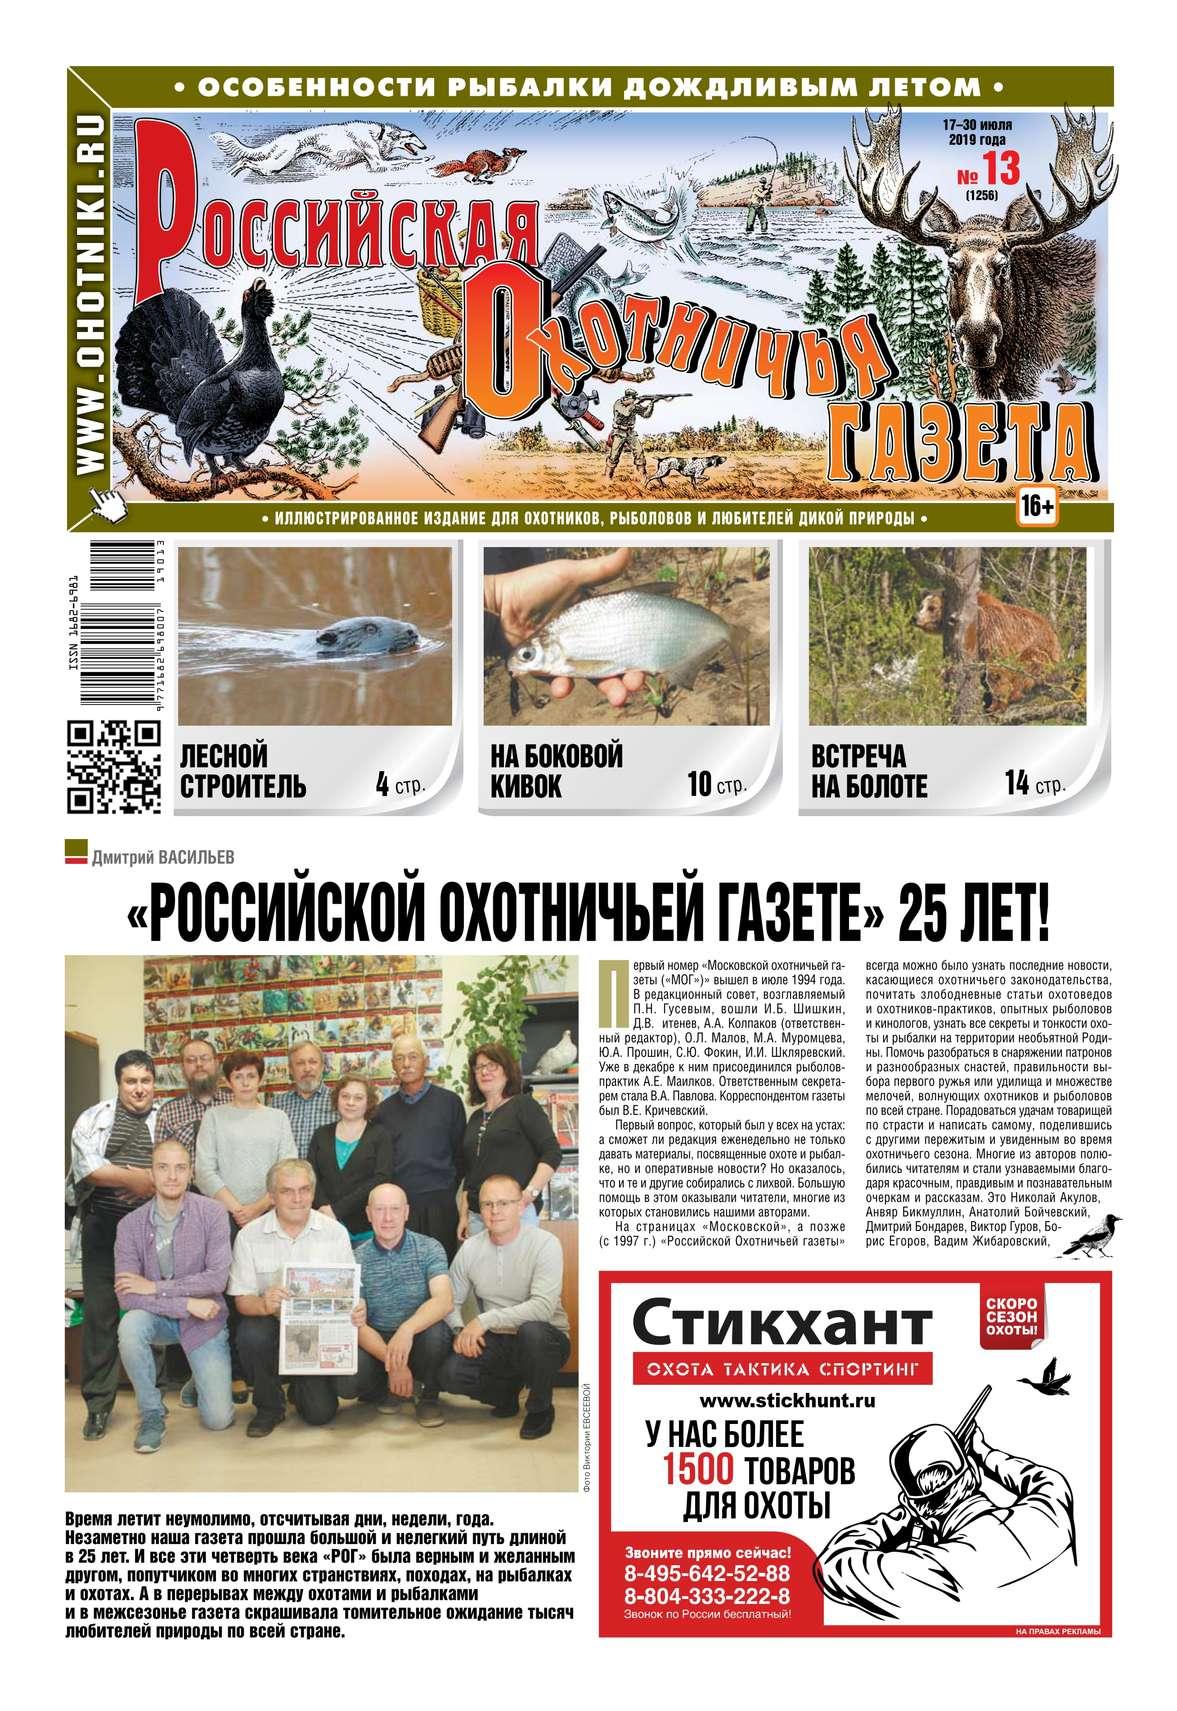 Российская Охотничья Газета 13-2019